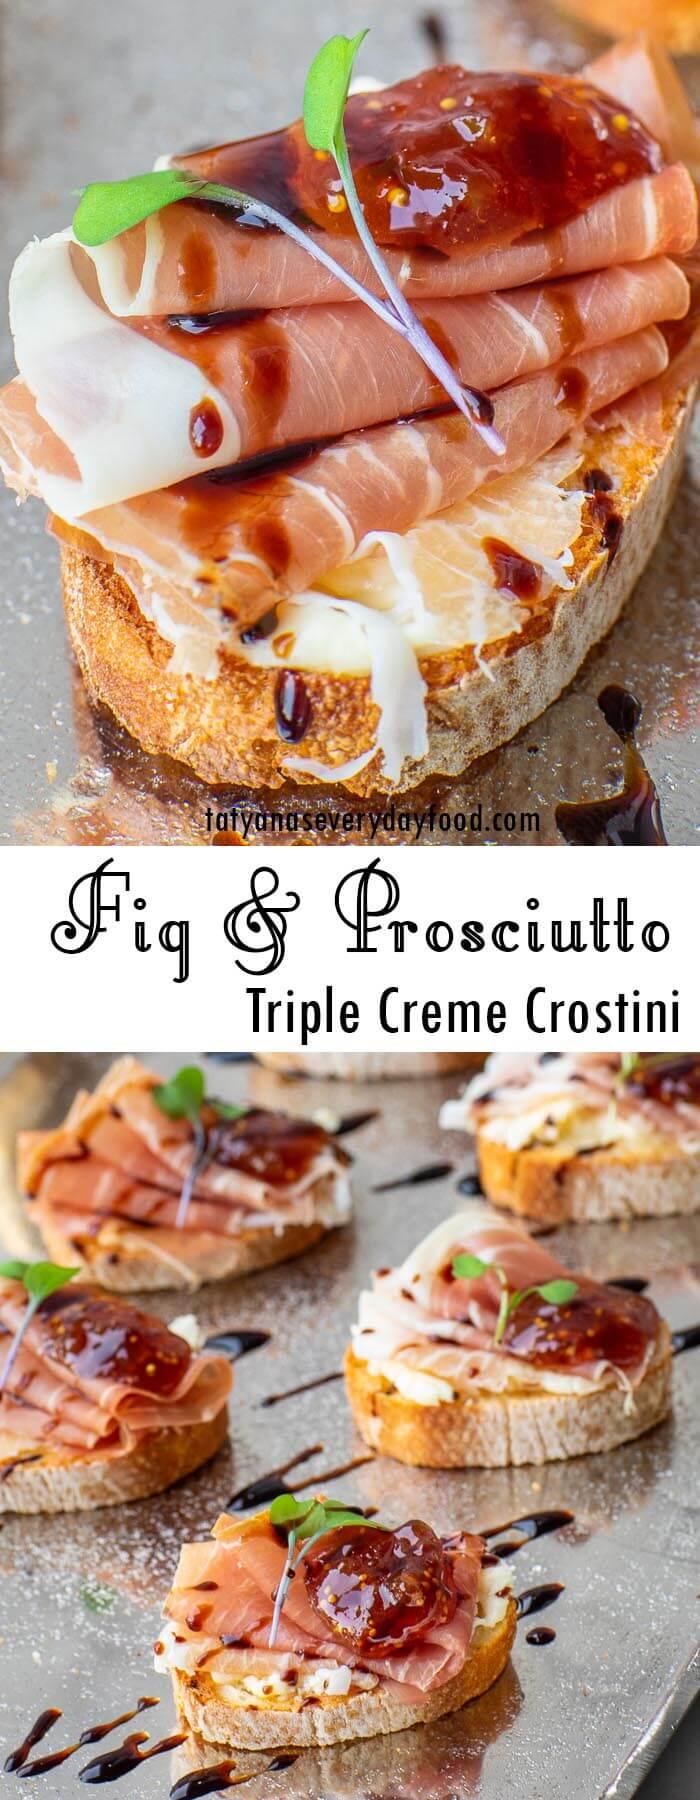 Fig & Prosciutto Crostini recipe